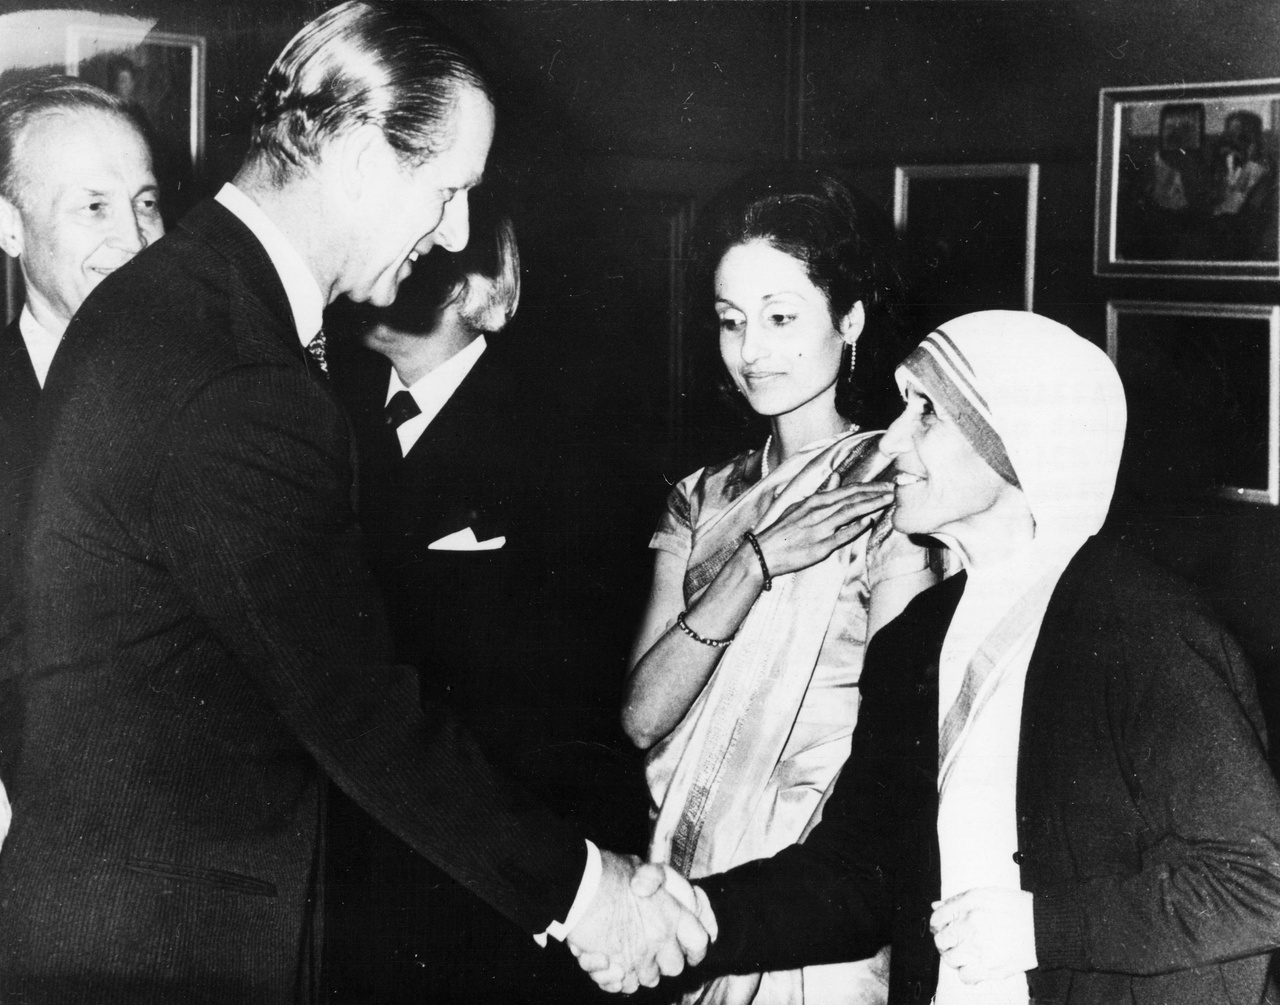 Fülöp herceg Teréz anyával 1973-ban.